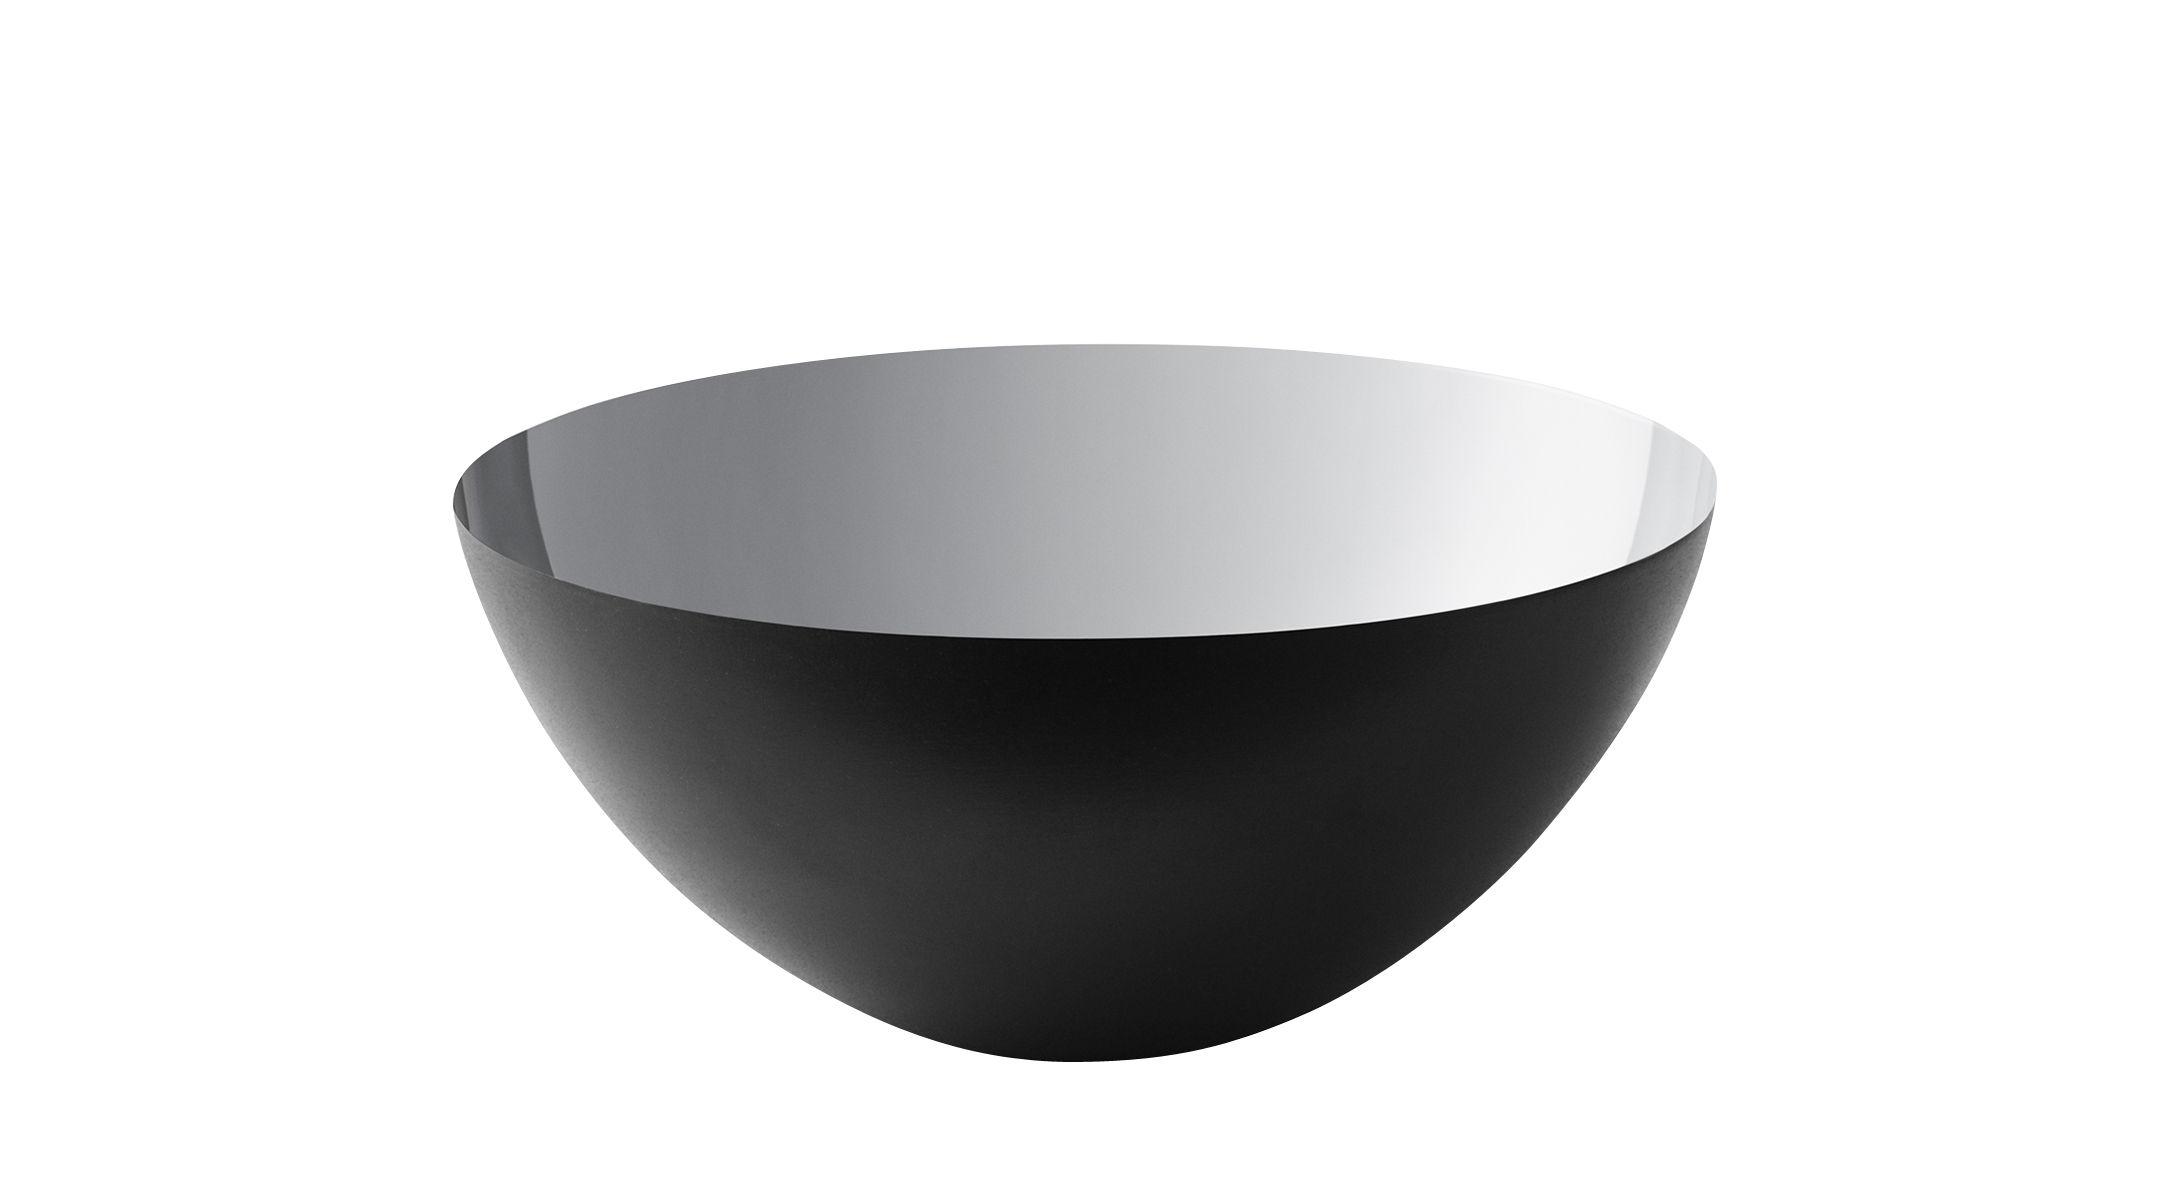 Tableware - Bowls - Krenit Bowl - Ø 12,5 x H 5,9 cm - Steel by Normann Copenhagen - Black / Silver - Enamelled steel